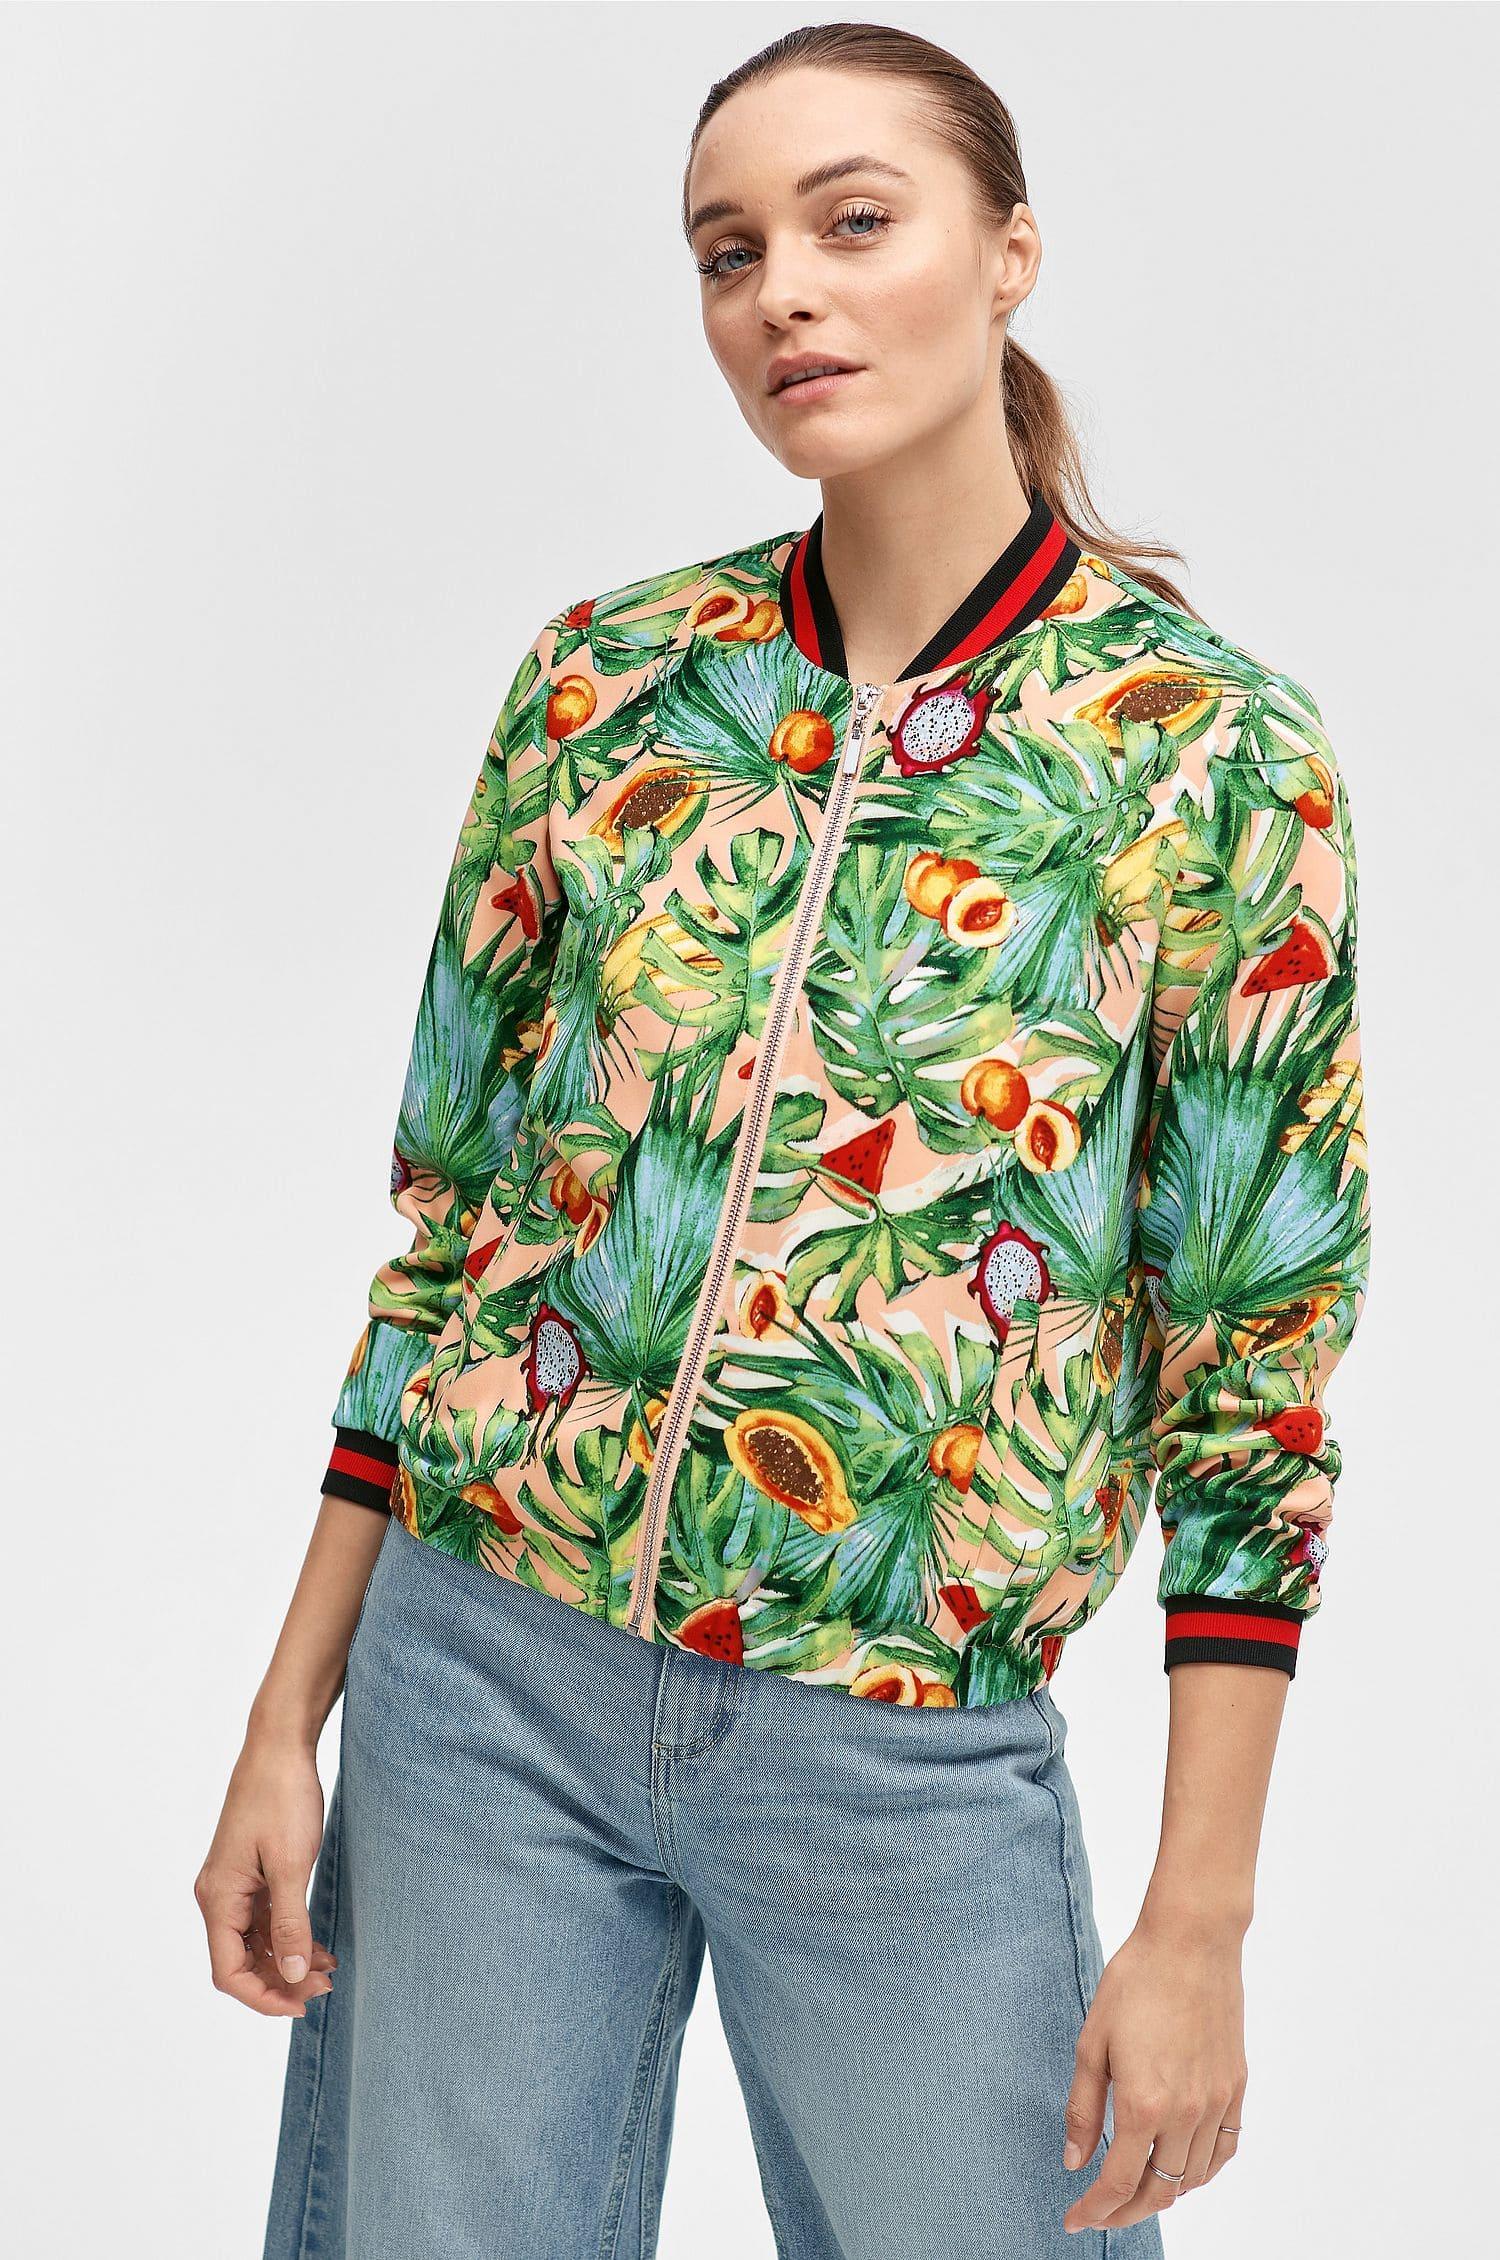 Bomberjacka för dam med färgglada blommor